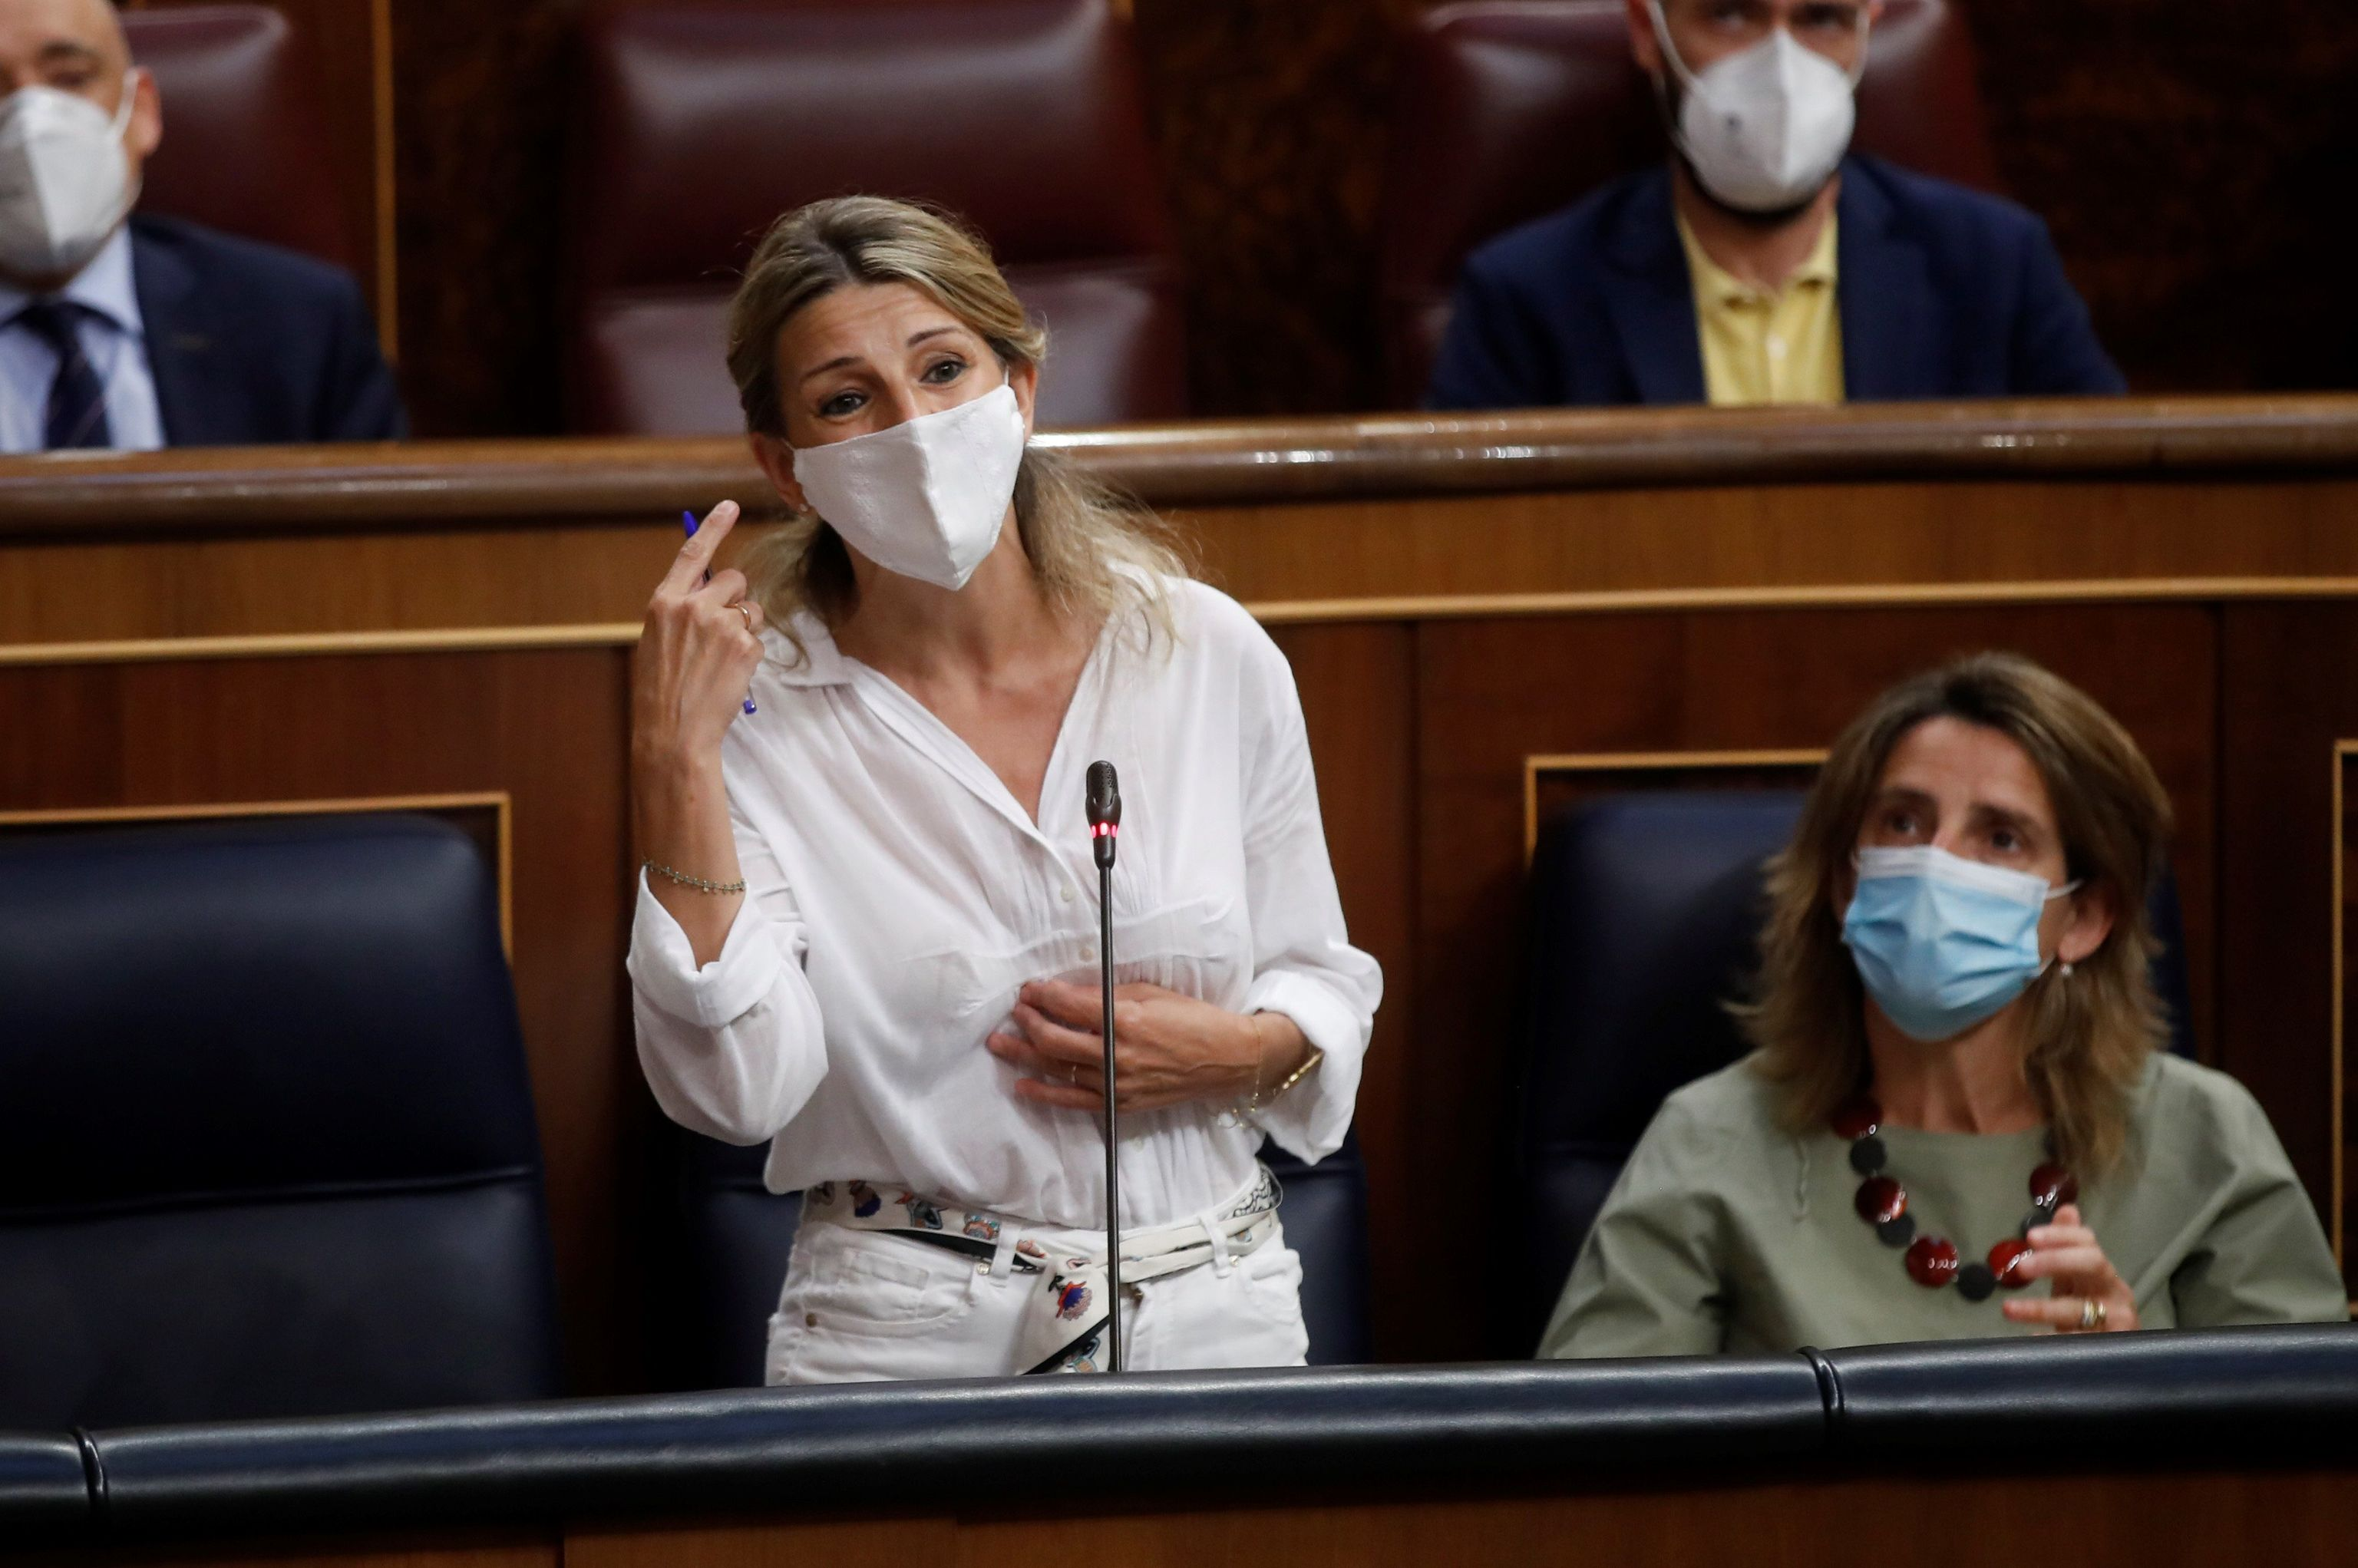 La vicepresidenta y ministra de Trabajo, Yolanda Díaz ayer en el Congreso.